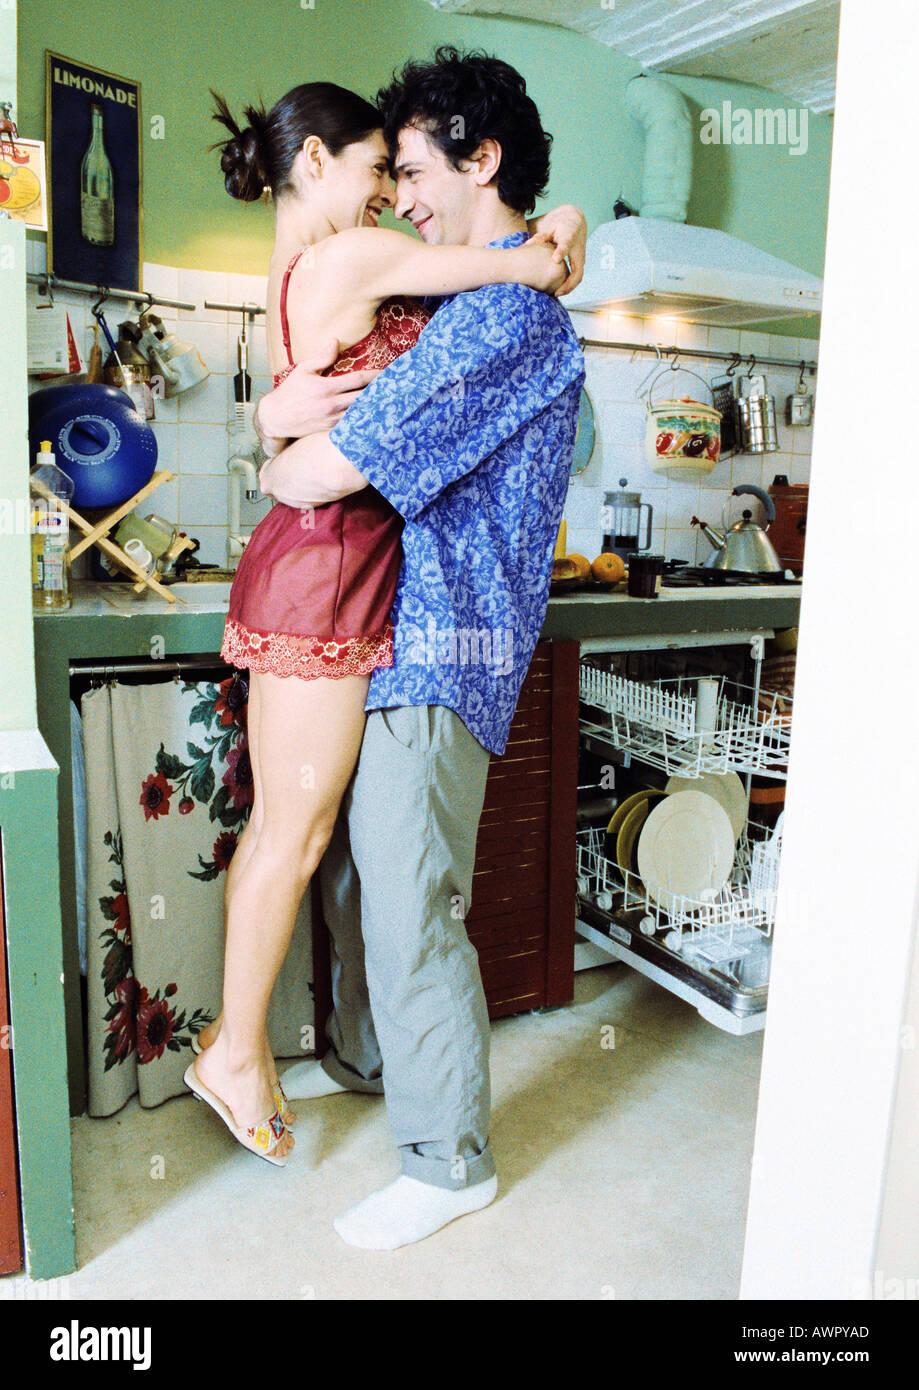 Hombre y mujer abrazar en cocina, Woman's pies fuera de la tierra. Foto de stock